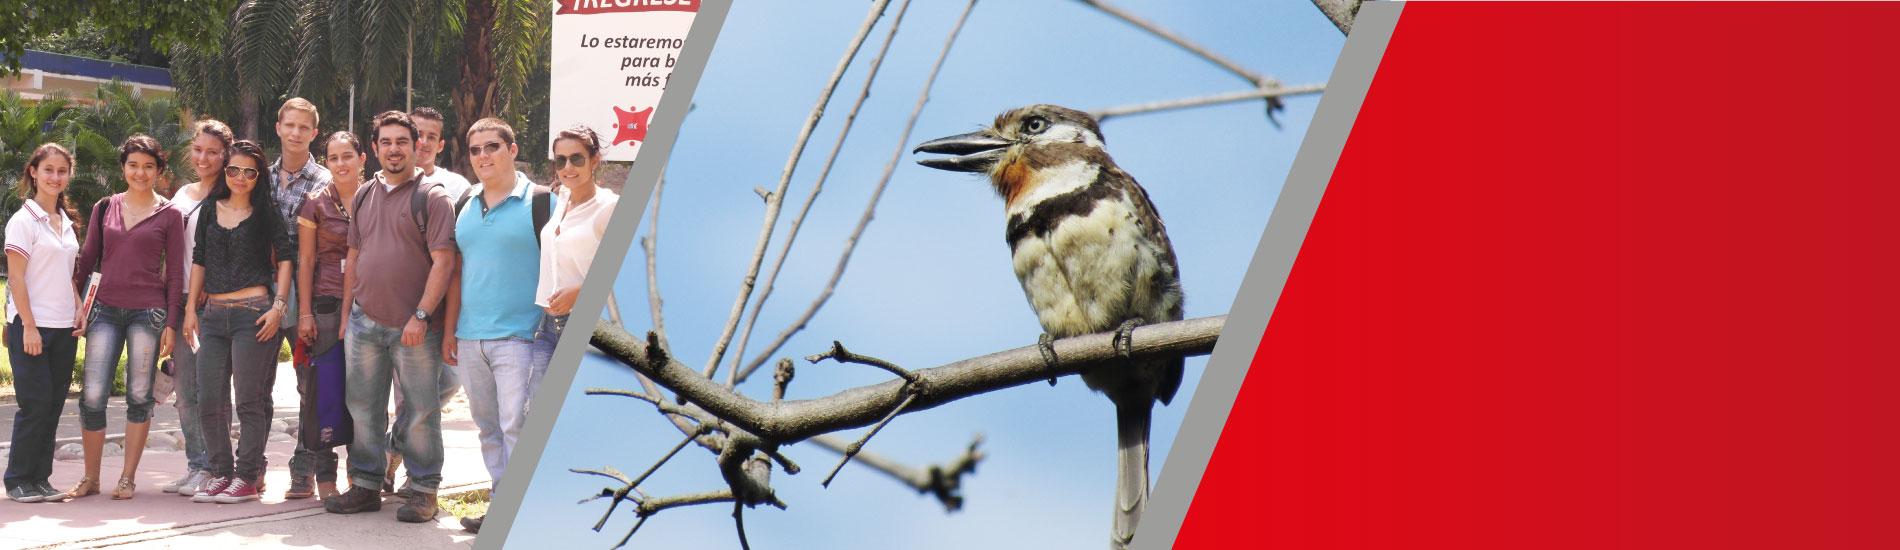 Semillero de Investigación UFPS adelantó jornada de observación de aves para identificar las especies que hacen presencia en ciertas zonas de Cúcuta